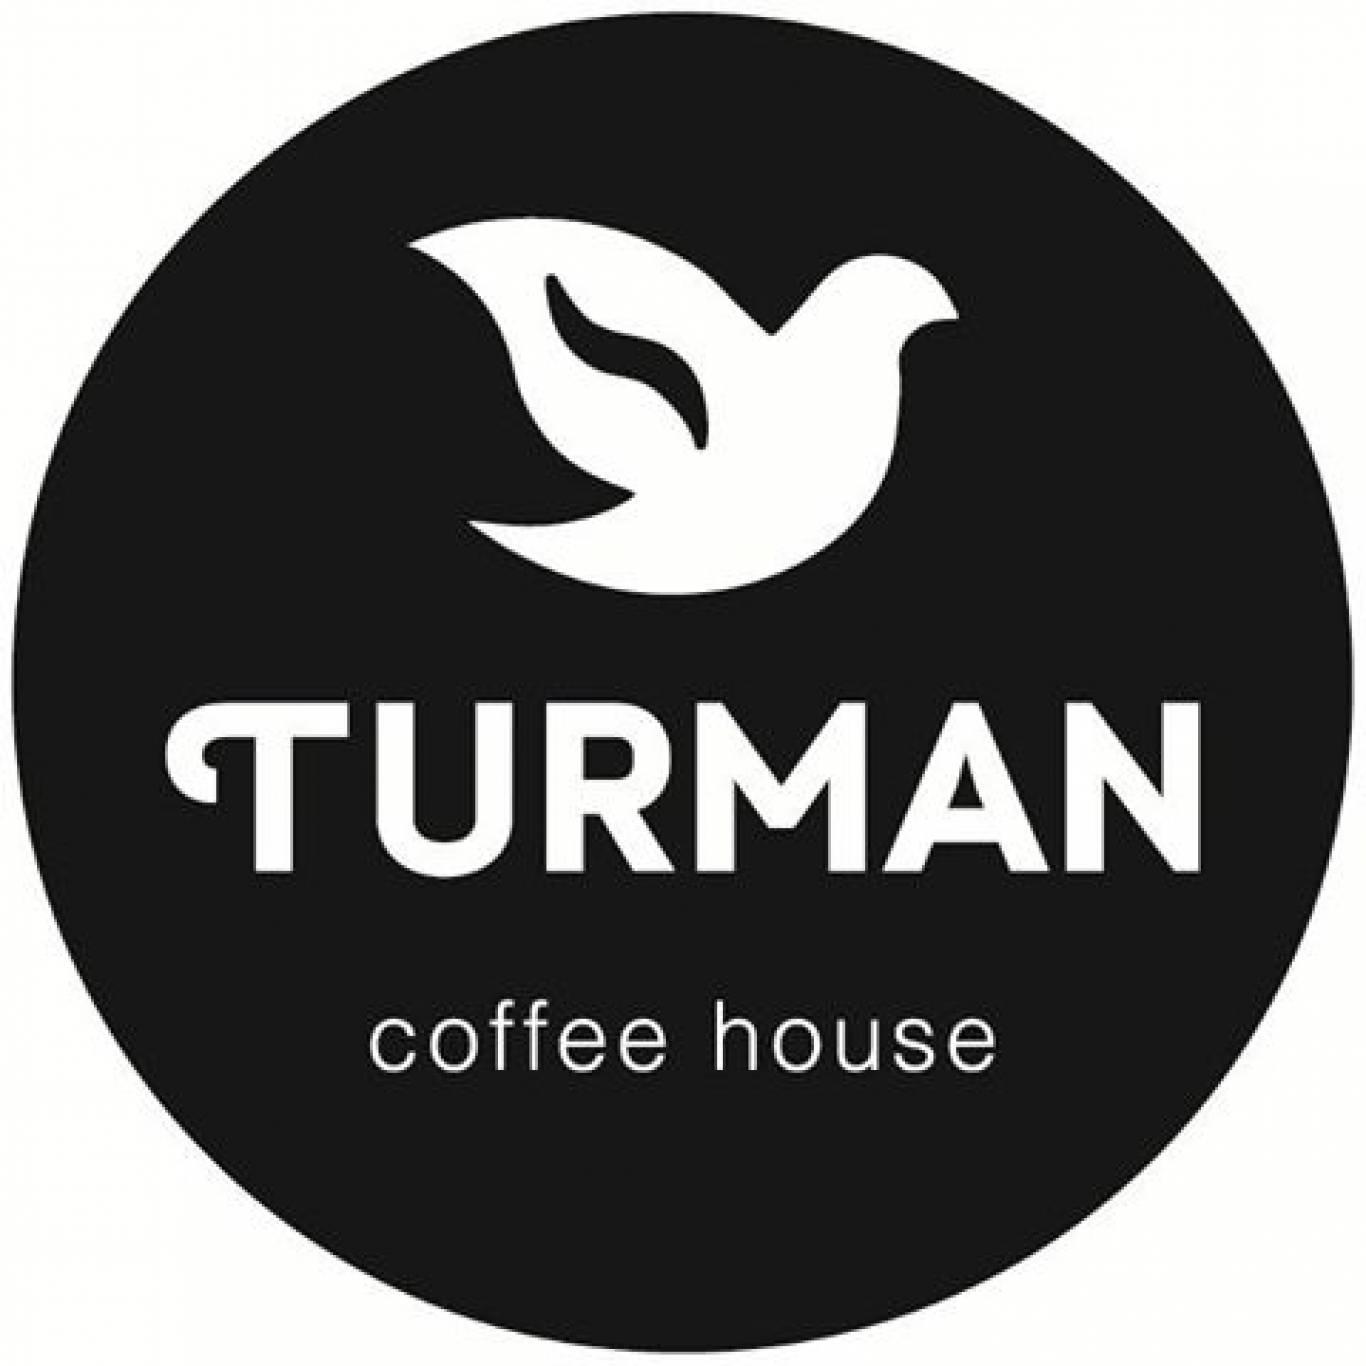 Відкриття кав'ярні Turman coffee house